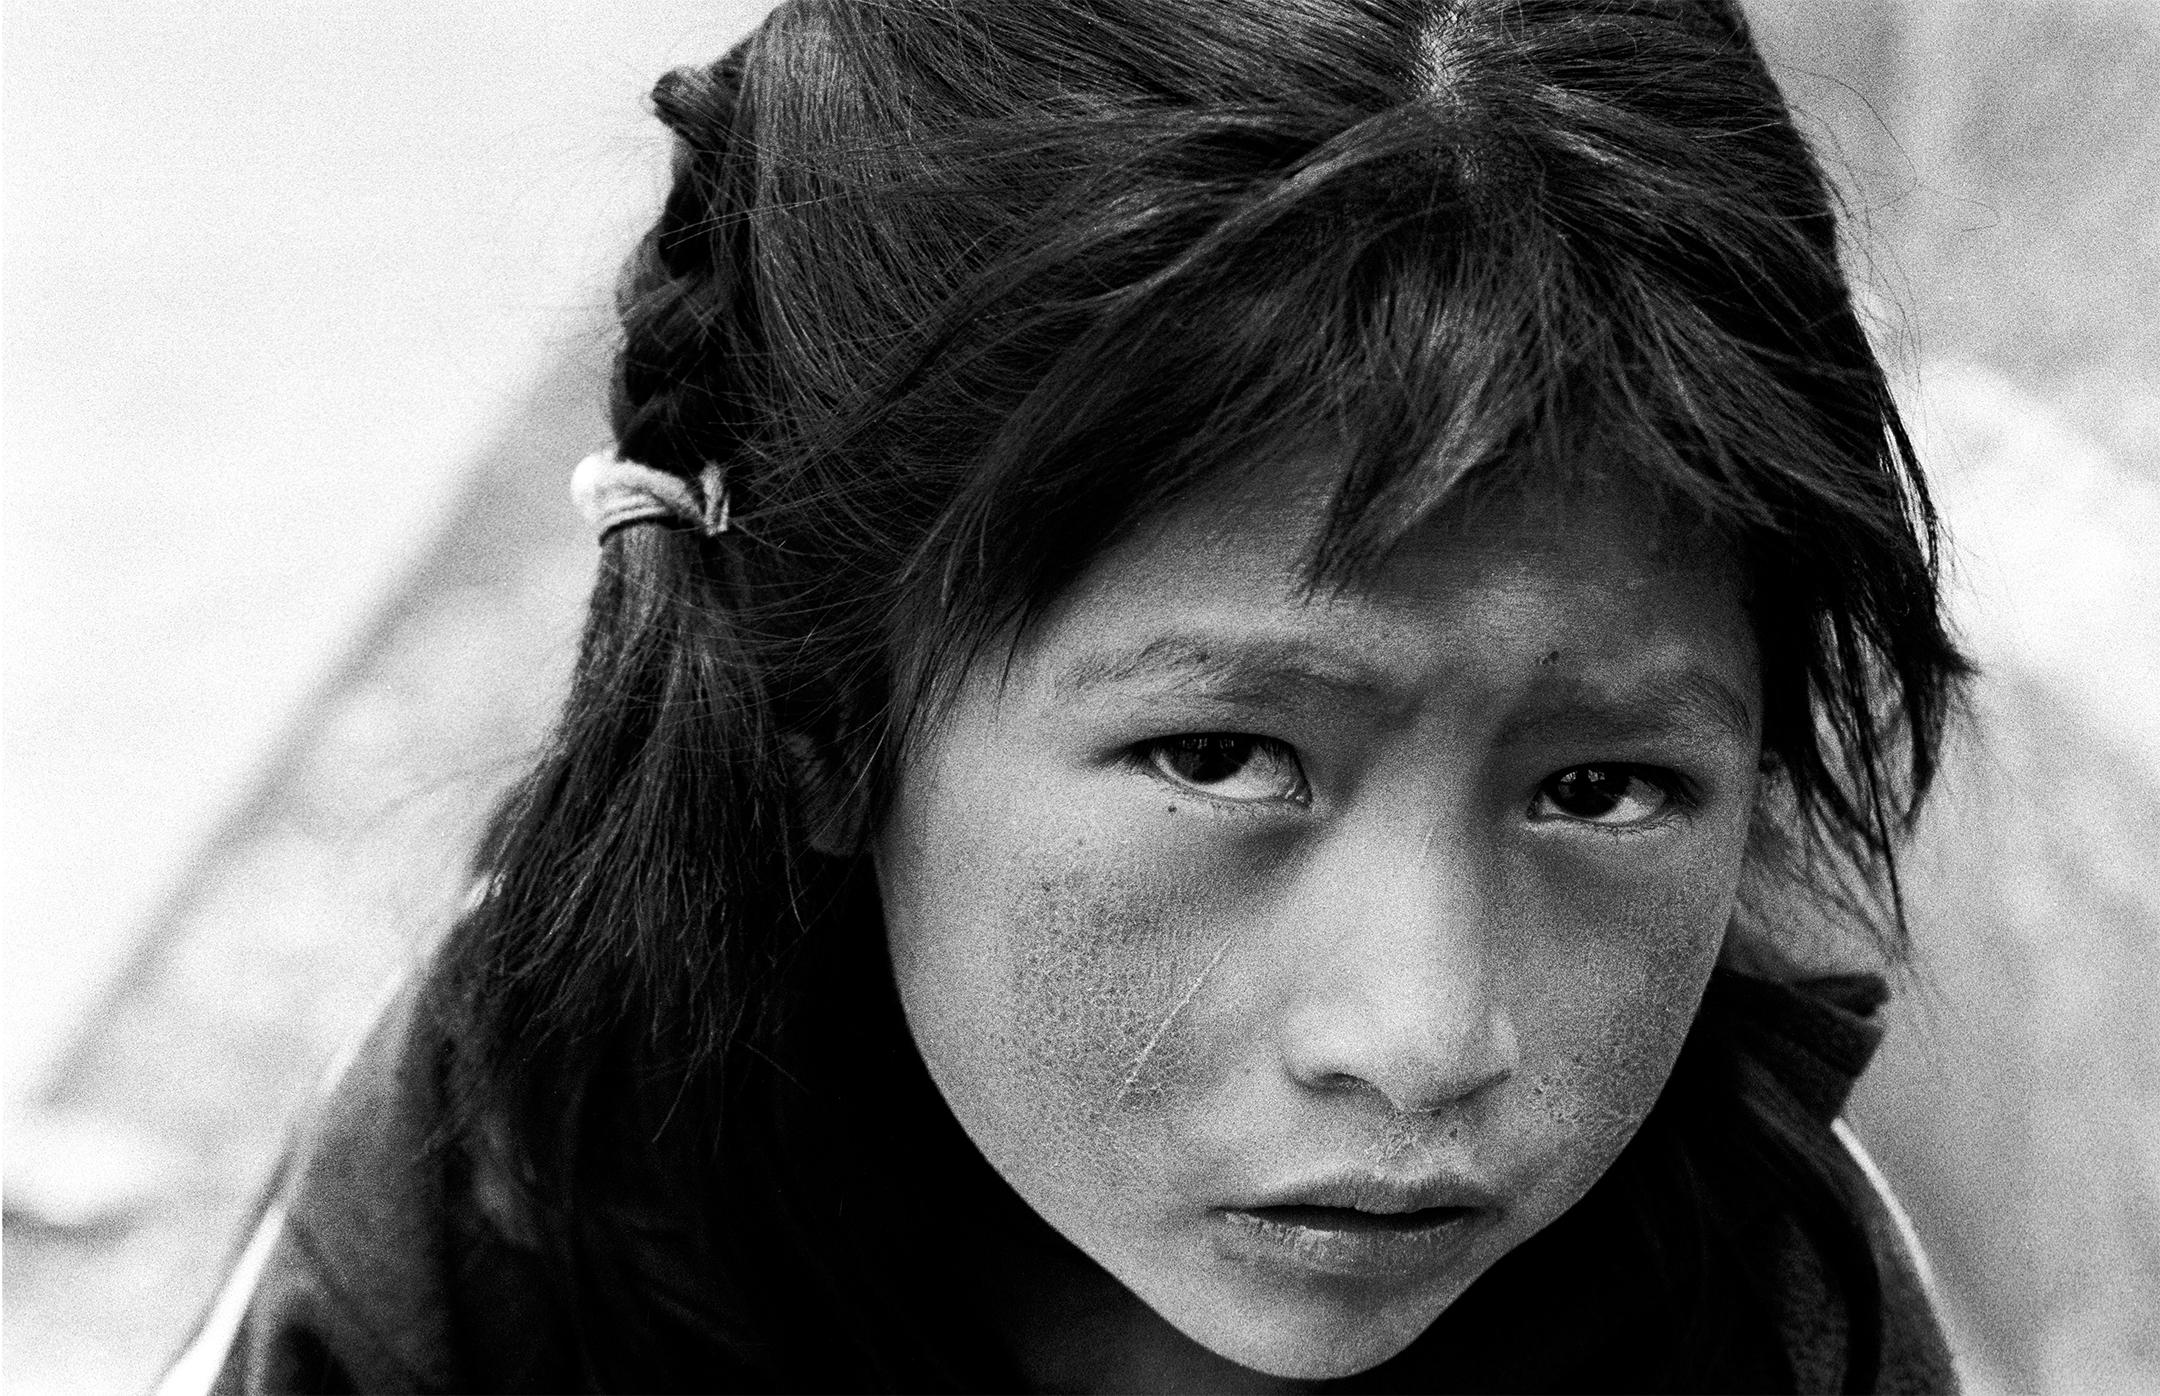 portrait-of-girl.jpg